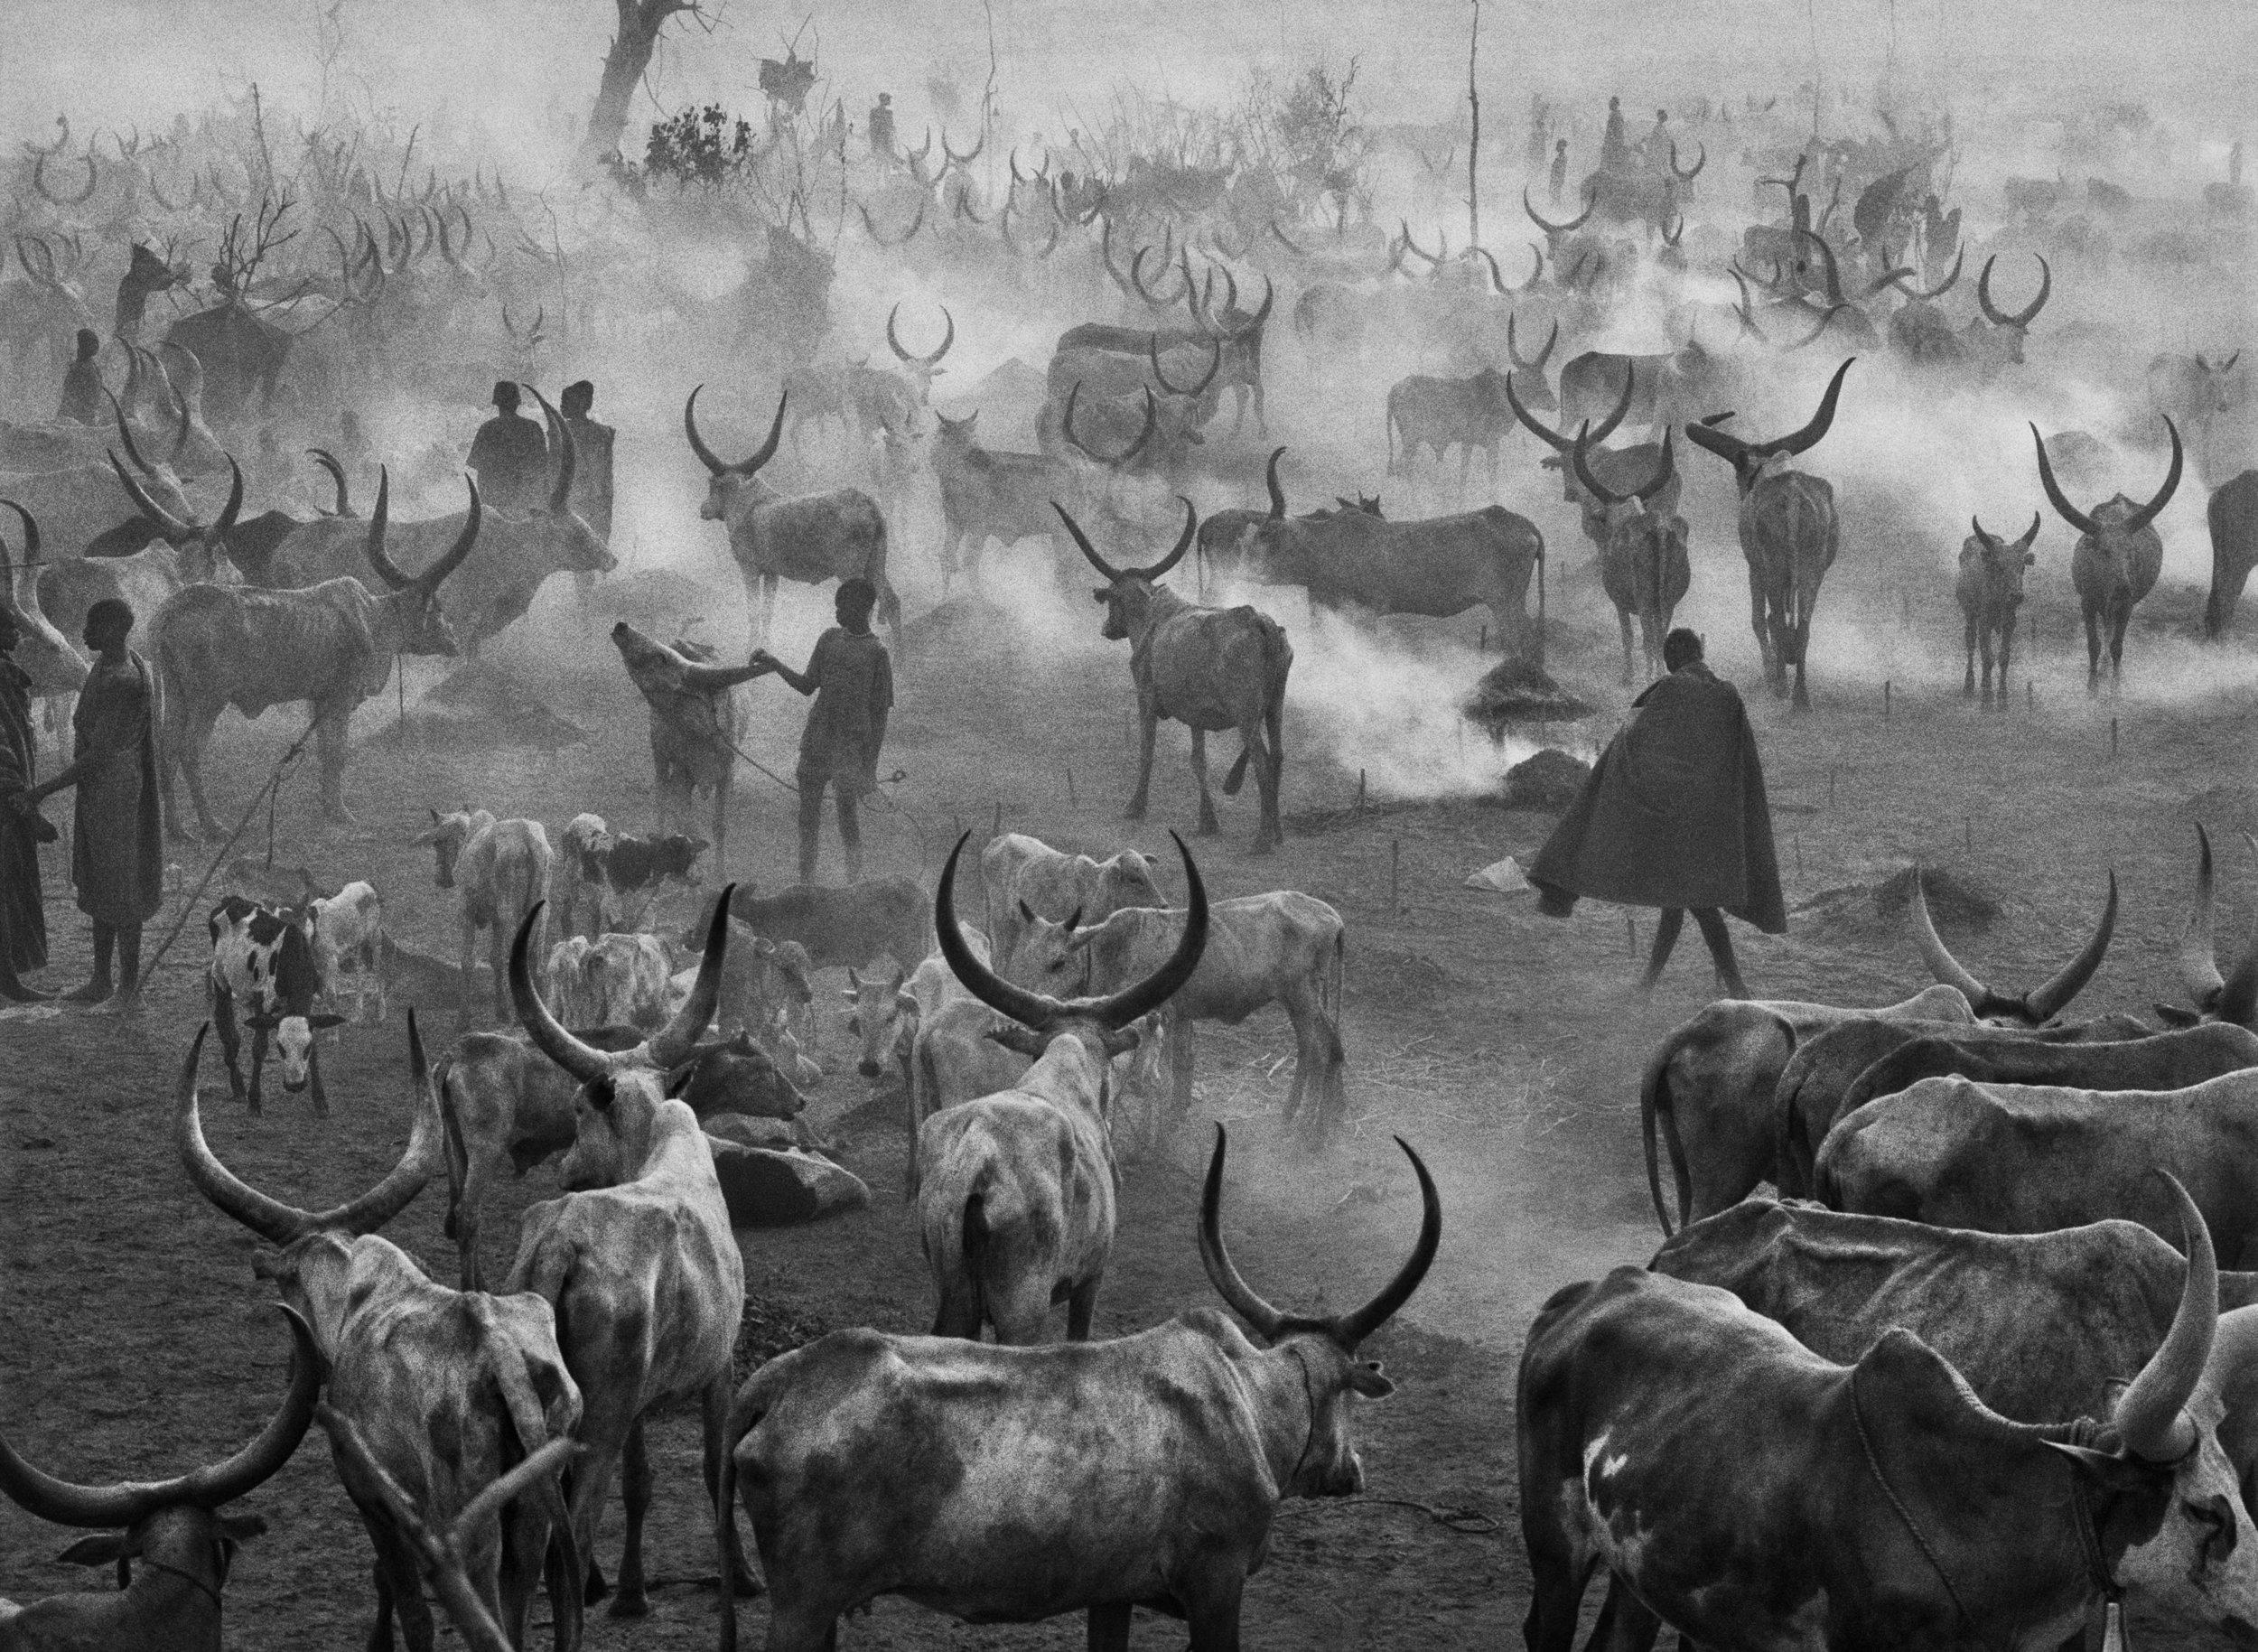 SEBASTIAO SALGADO,  Southern Sudan,  2006